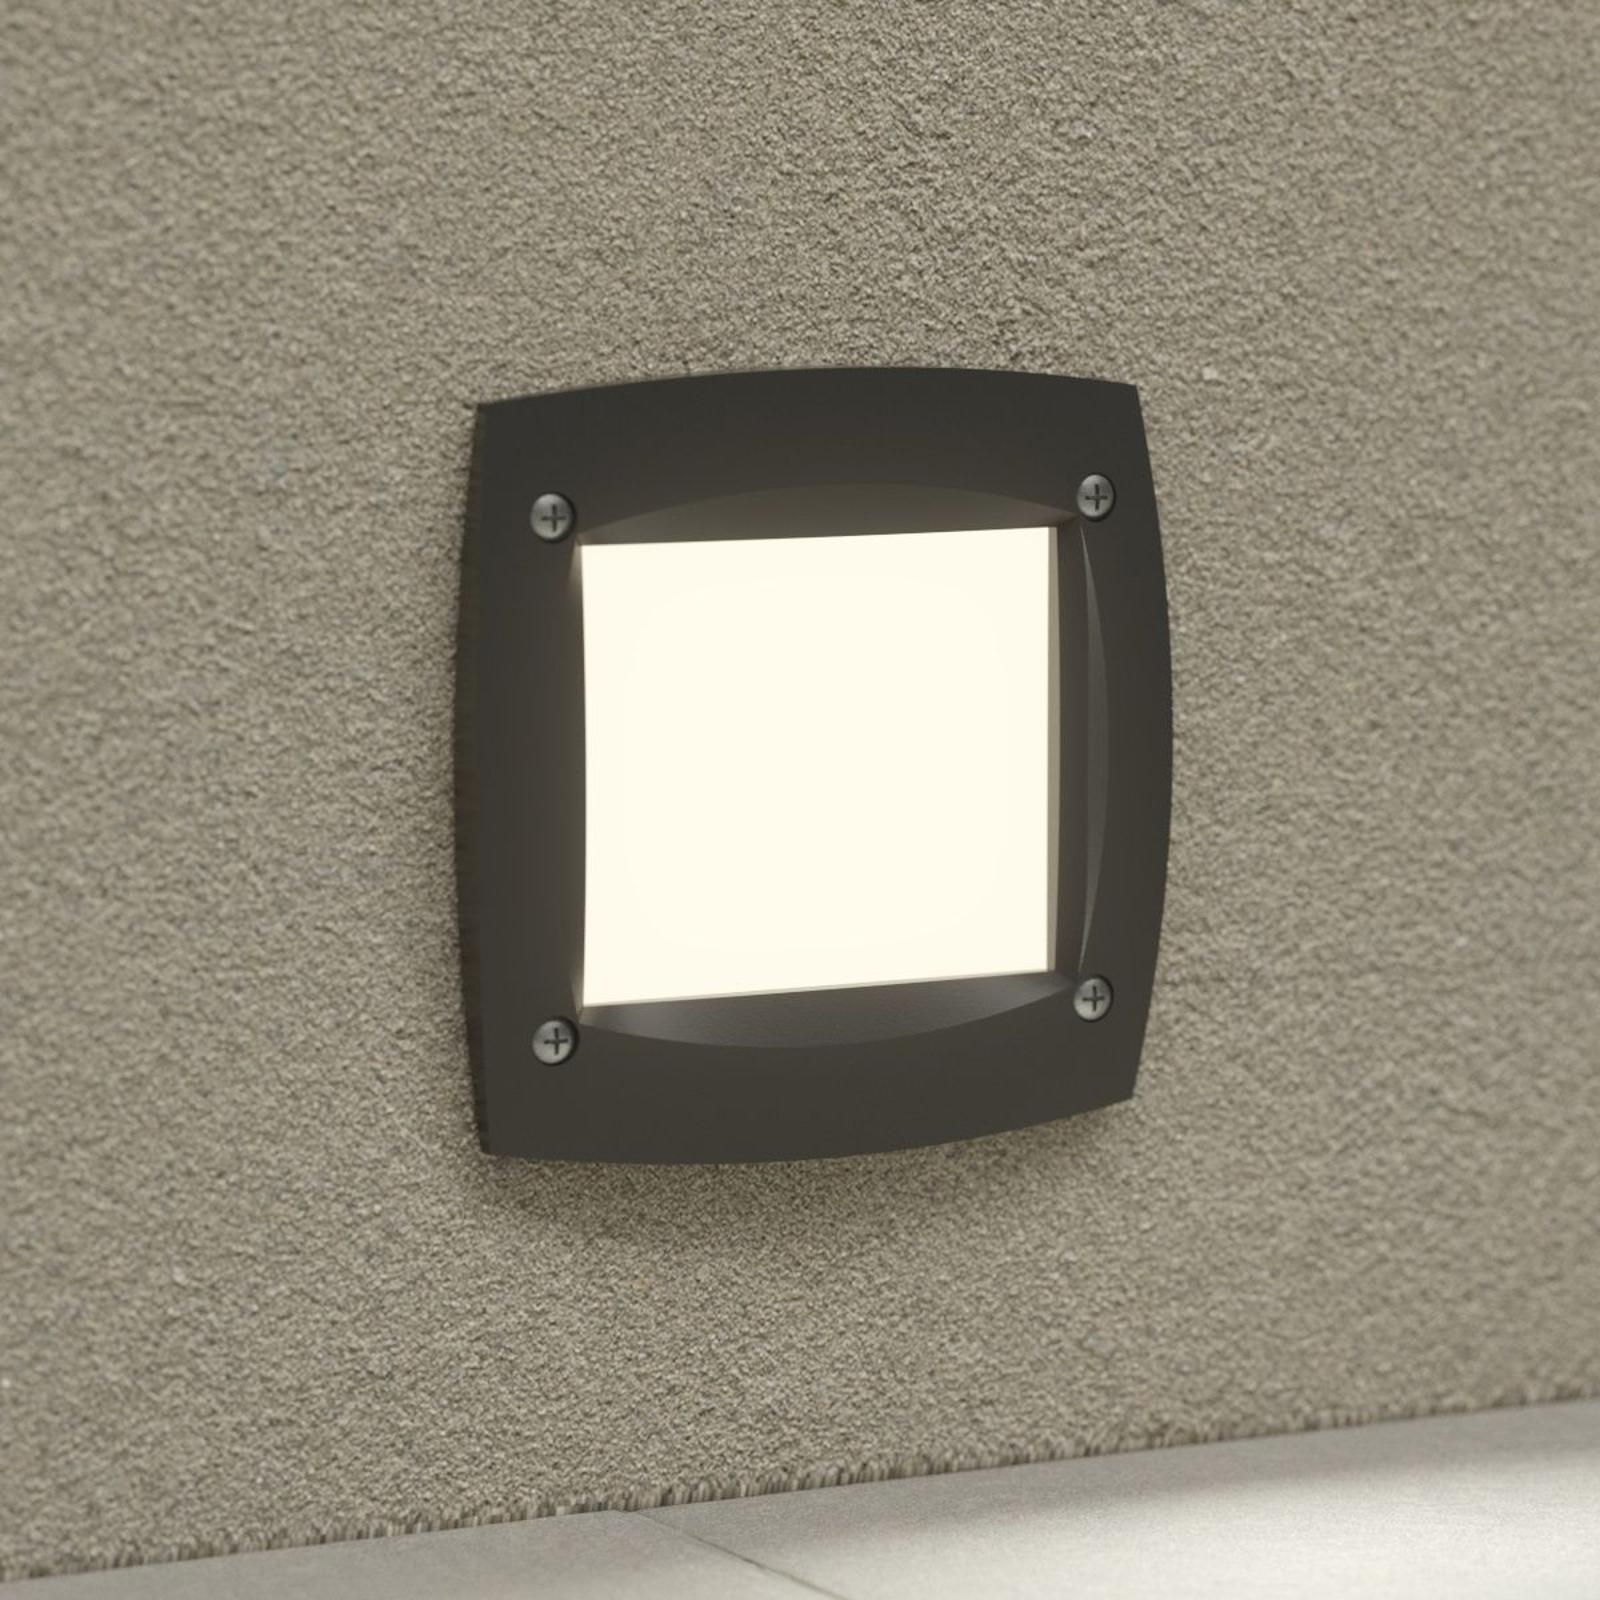 LED-innfellingslampe Leti 100 kvadrat svart 3W CCT